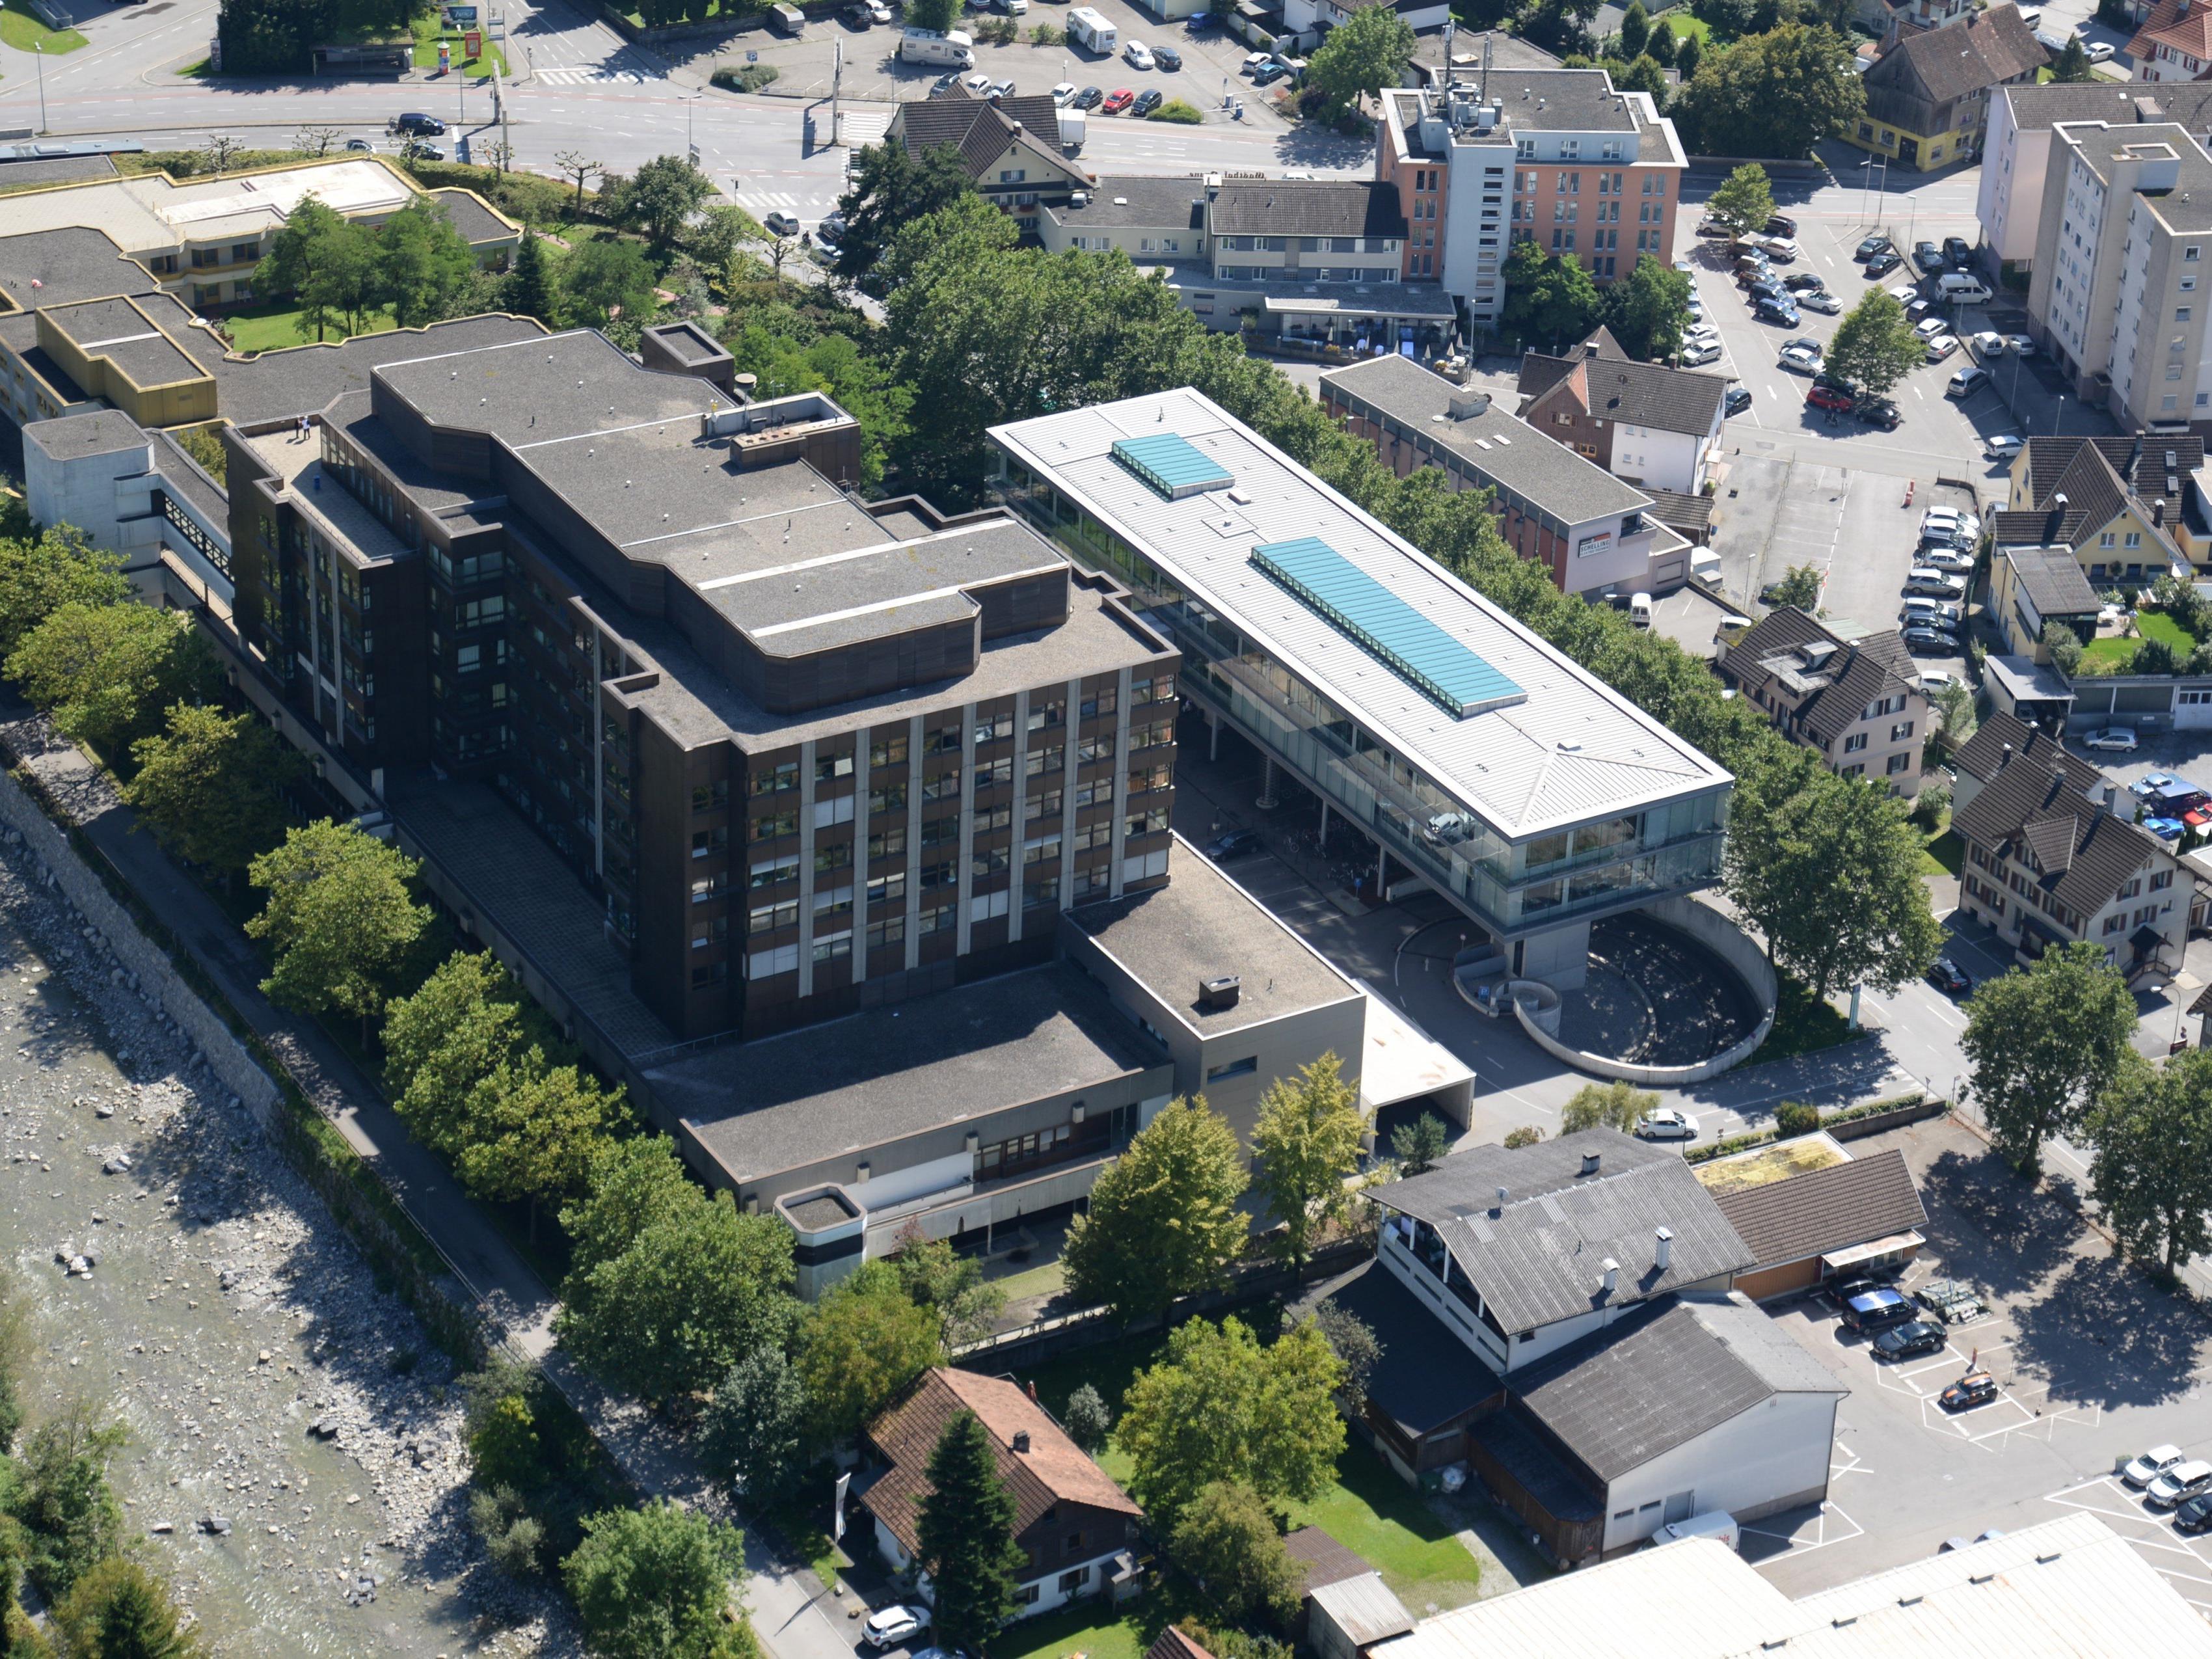 Die ersten Bauaufträge für die Errichtung eines neuen Hubschrauberlandeplatzes für das Krankenhaus Dornbirn wurden vergeben.